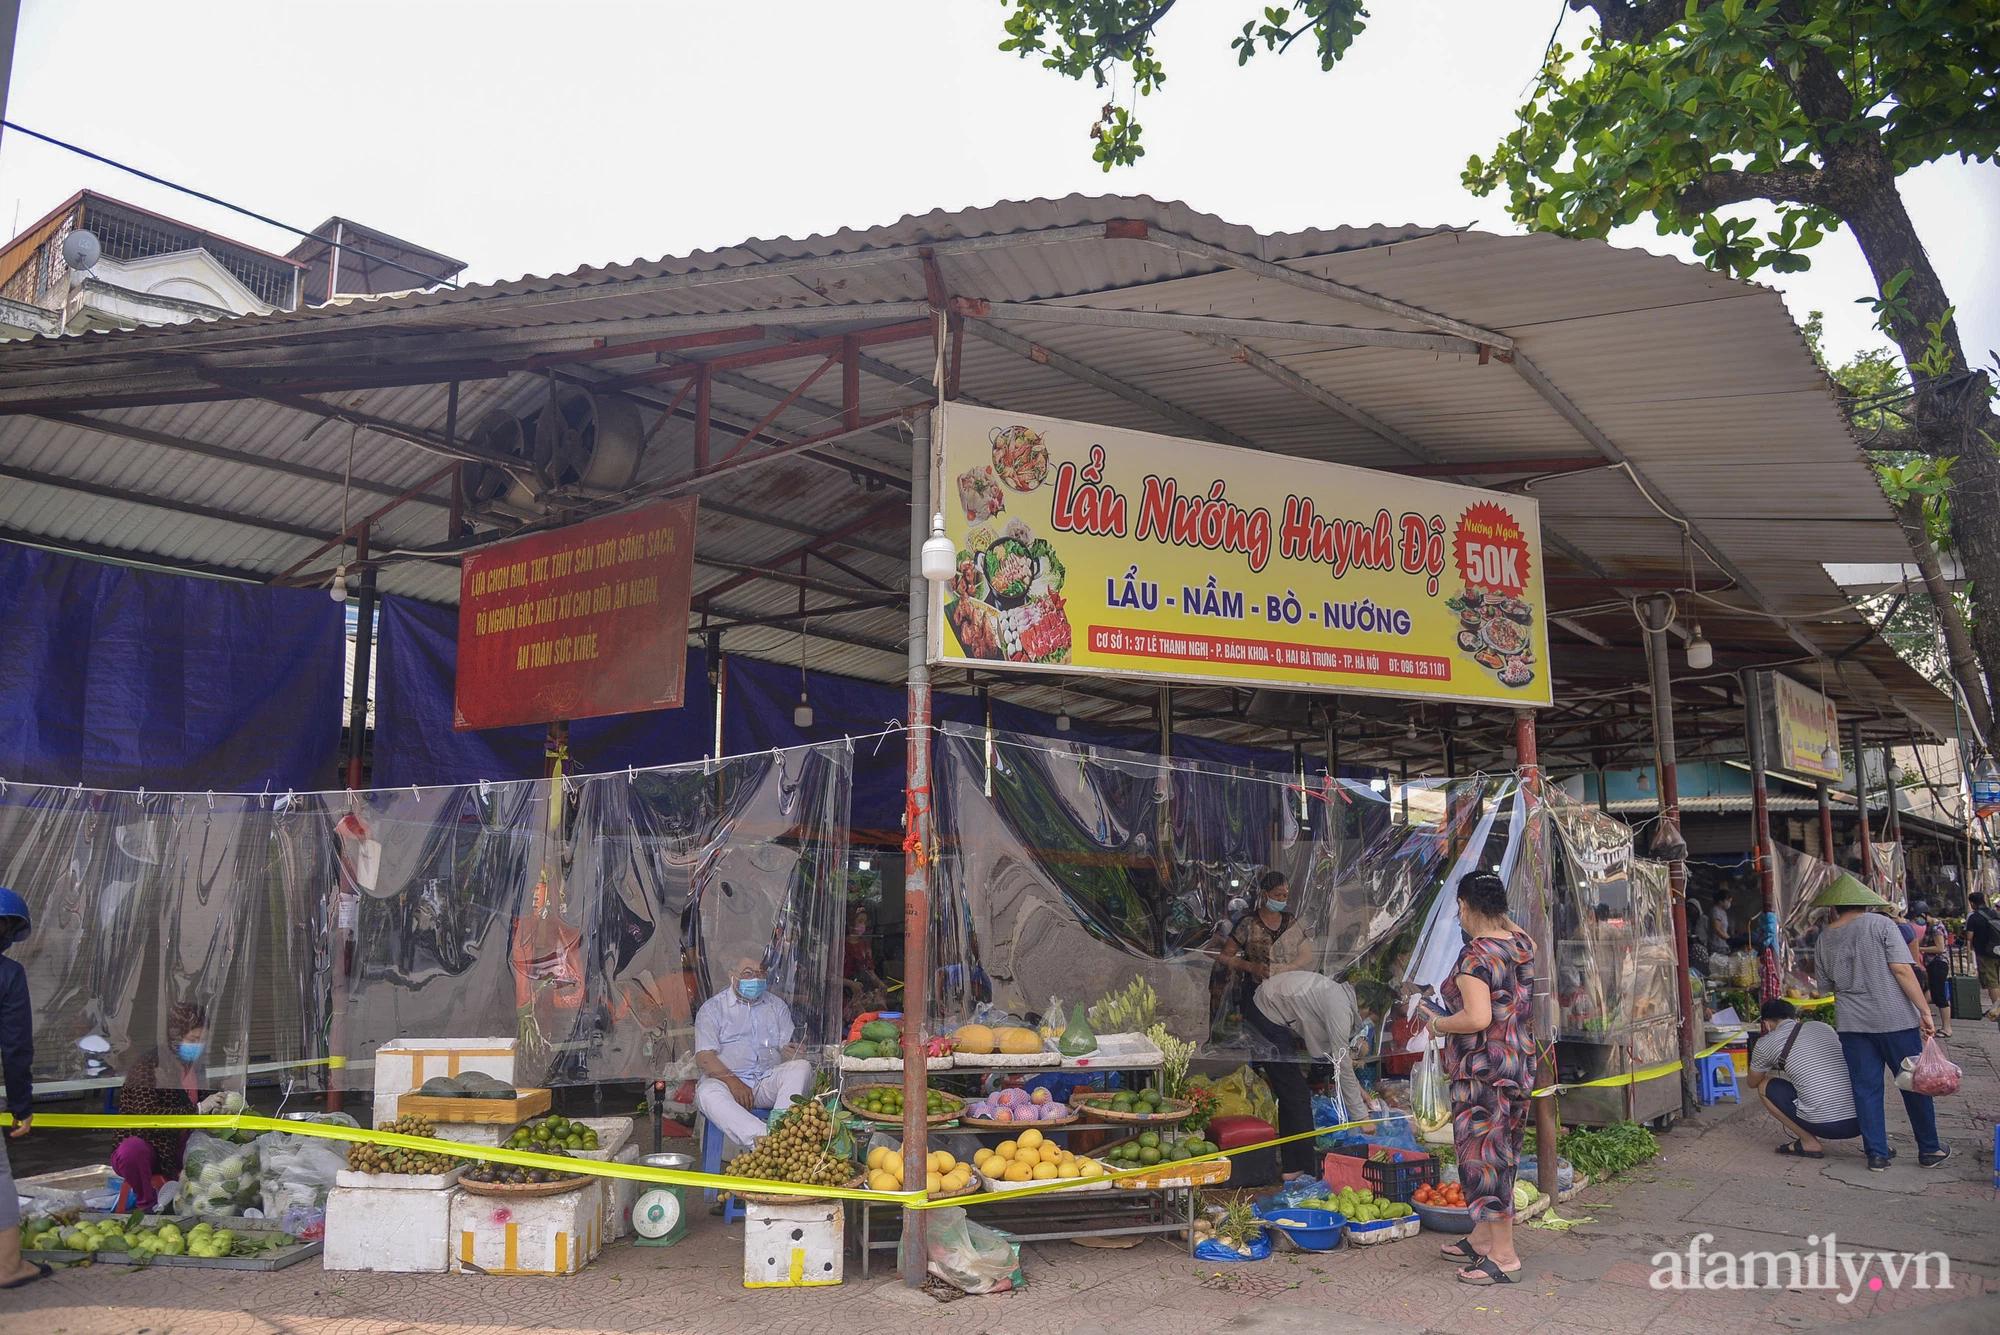 Ấn tượng với khu chợ dân sinh đầu tiên ở Hà Nội quây tấm nilon phòng dịch COVID-19, tiểu thương chia ca đứng bán theo ngày chẵn, lẻ - Ảnh 1.